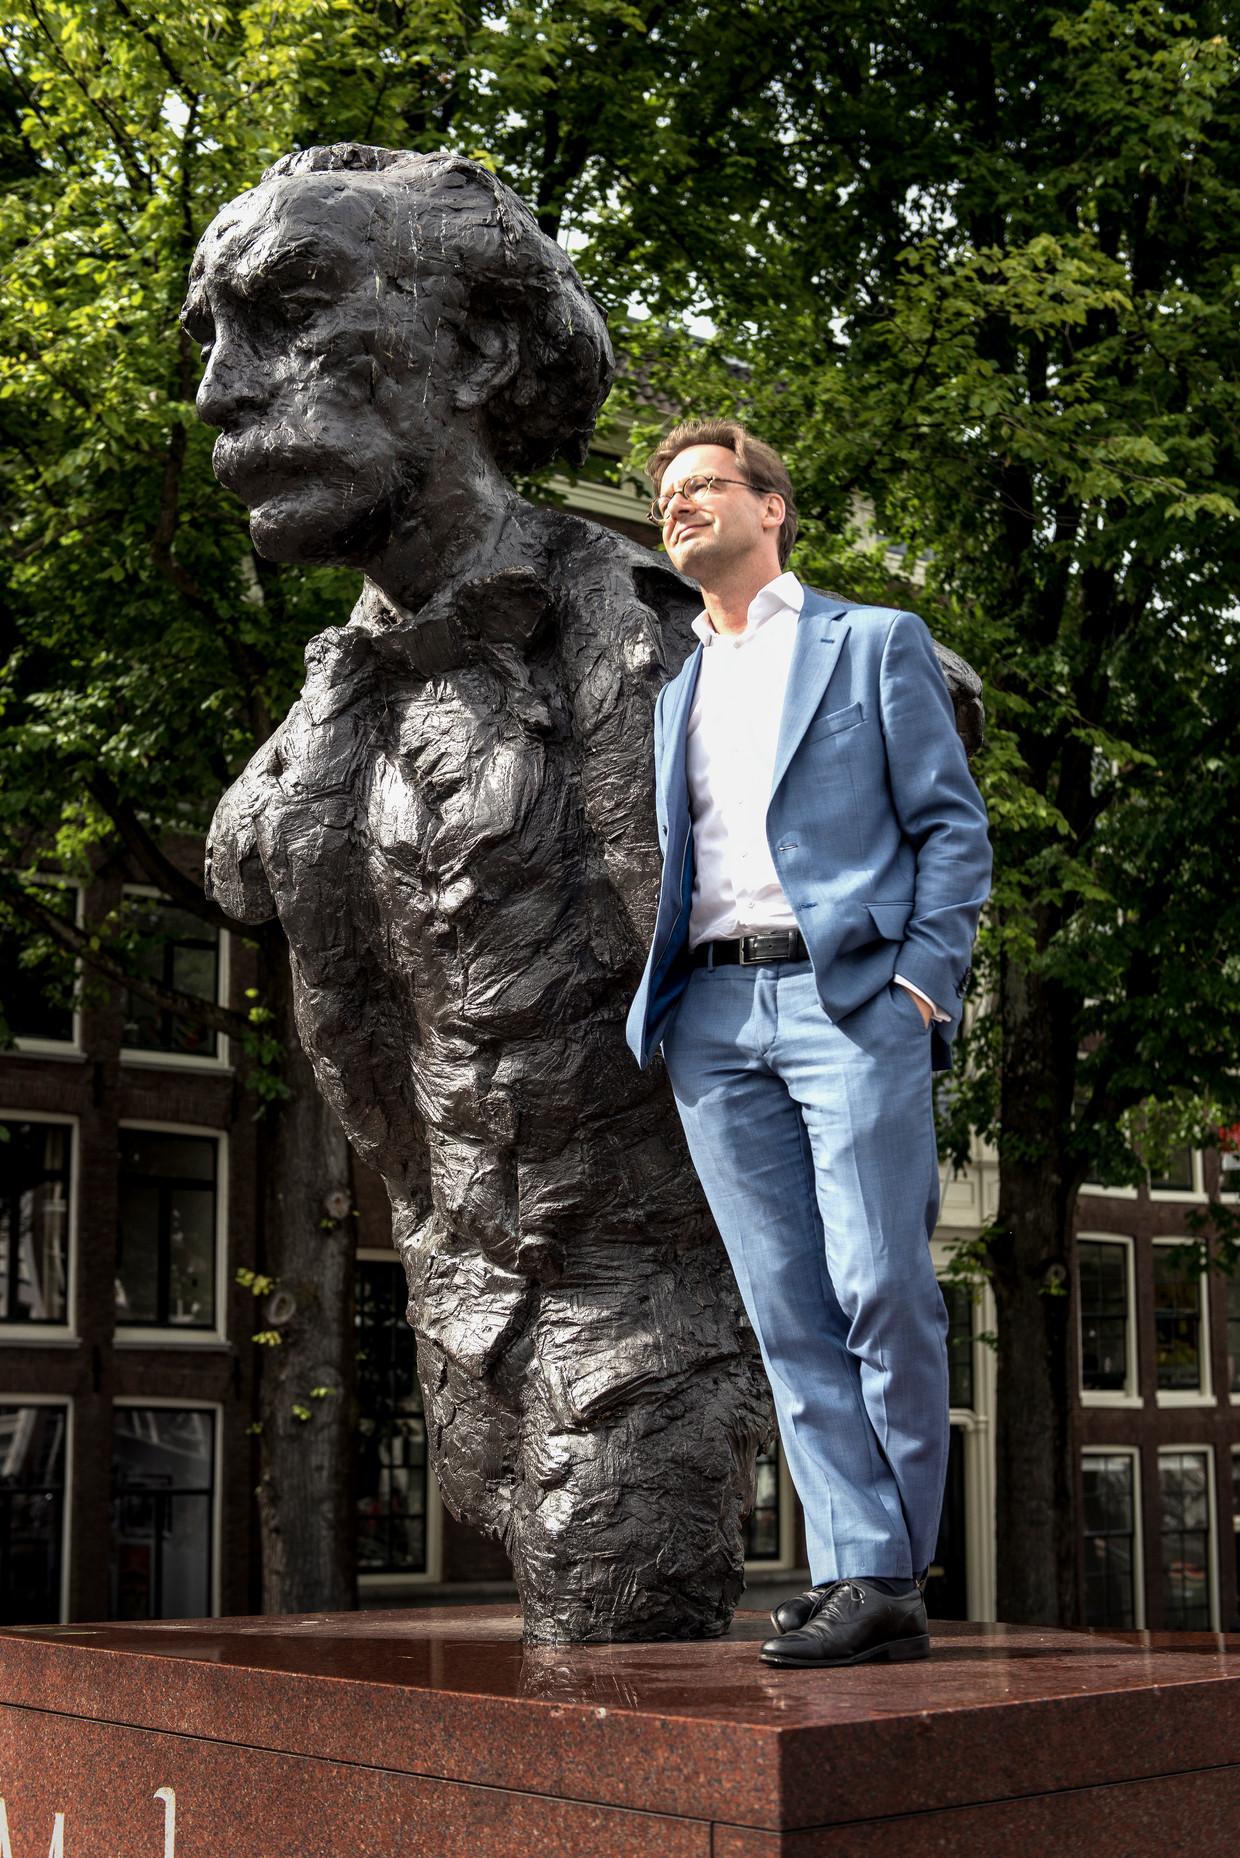 SP-Kamerlid Ronald van Raak bij het standbeeld van Multatuli in Amsterdam.